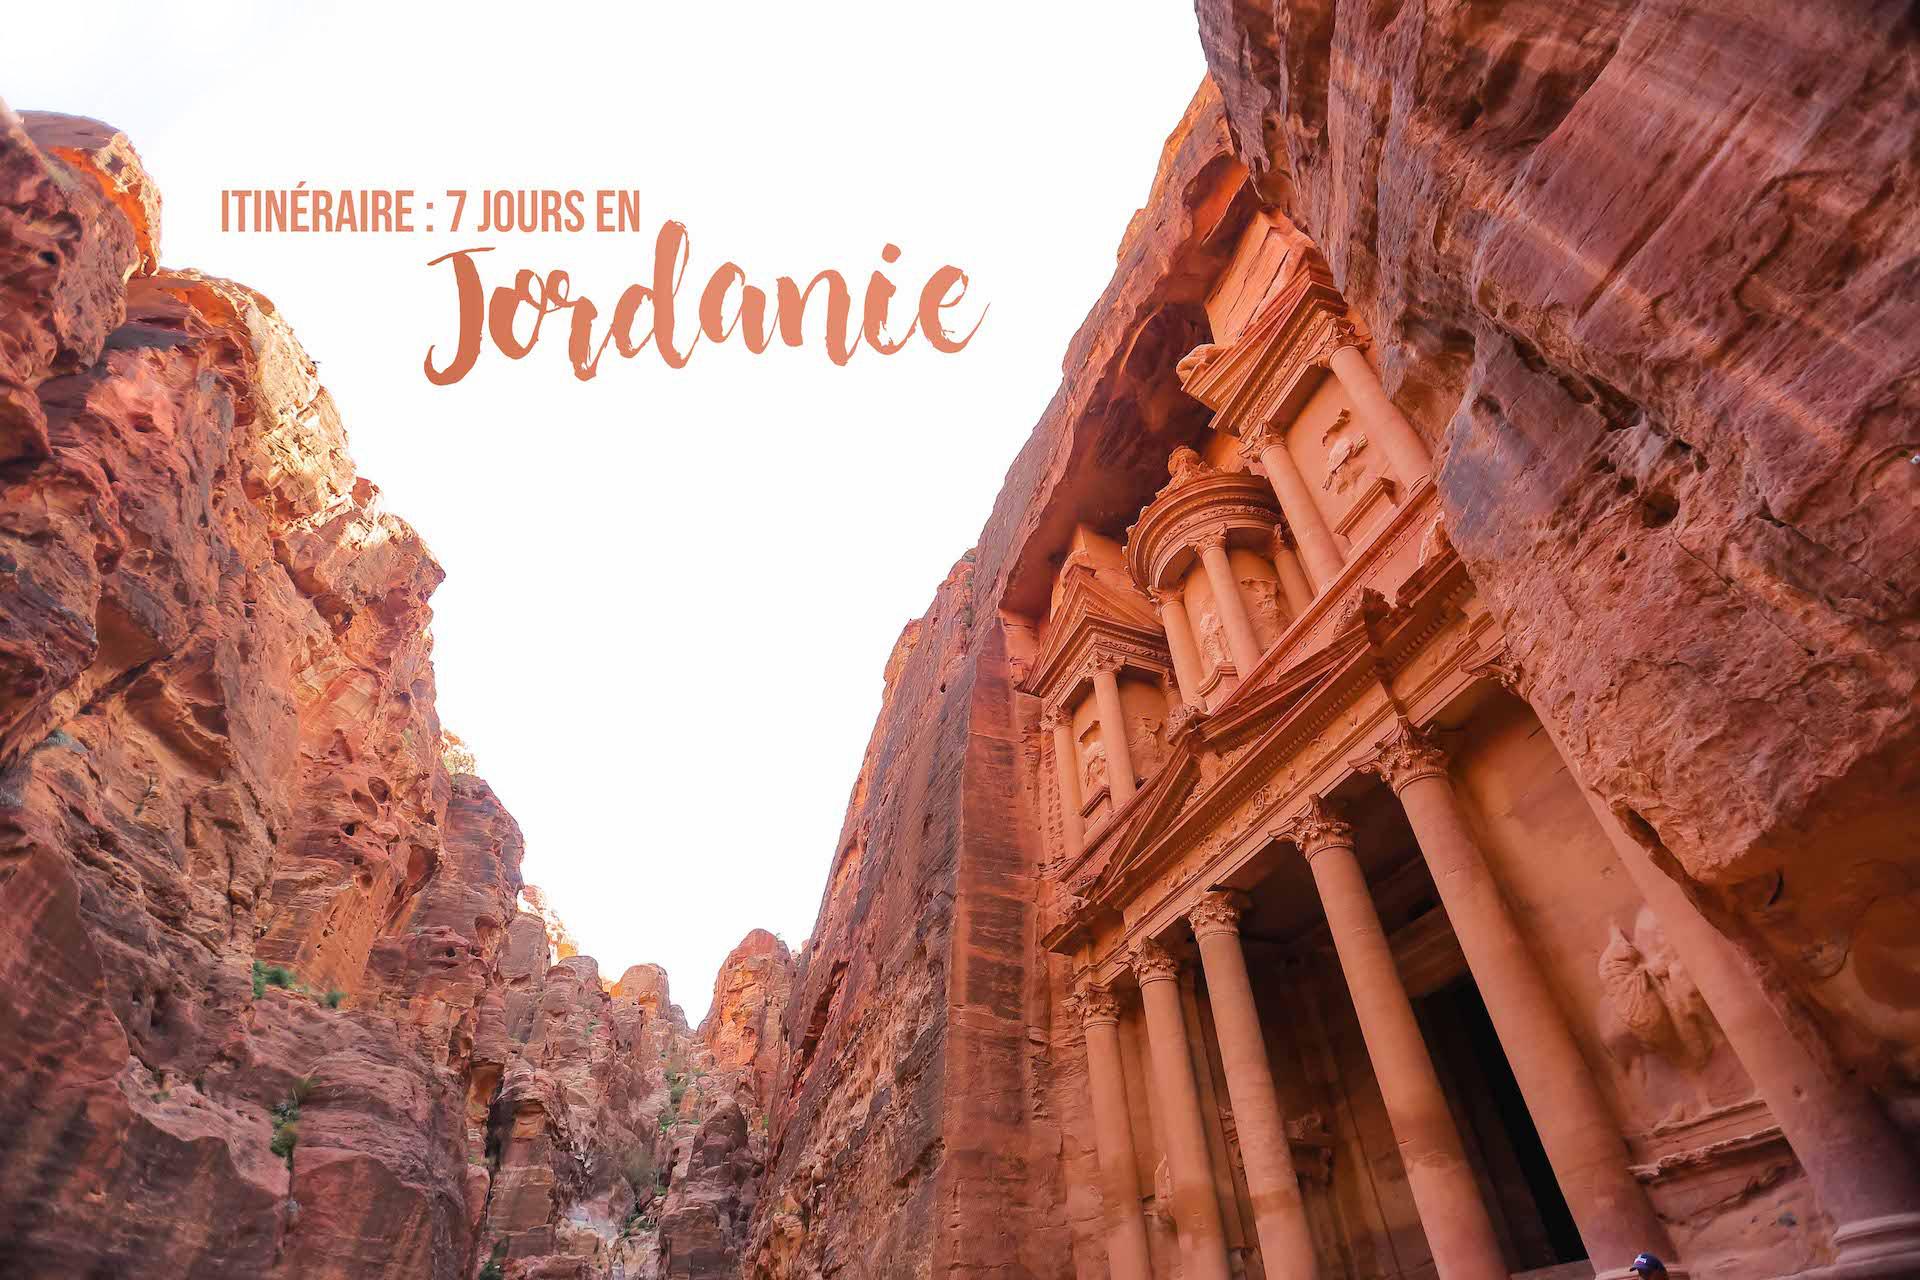 voyager jordanie en jordanie jordanie en en voyager femme voyager femme en femme voyager CBeQrWxod